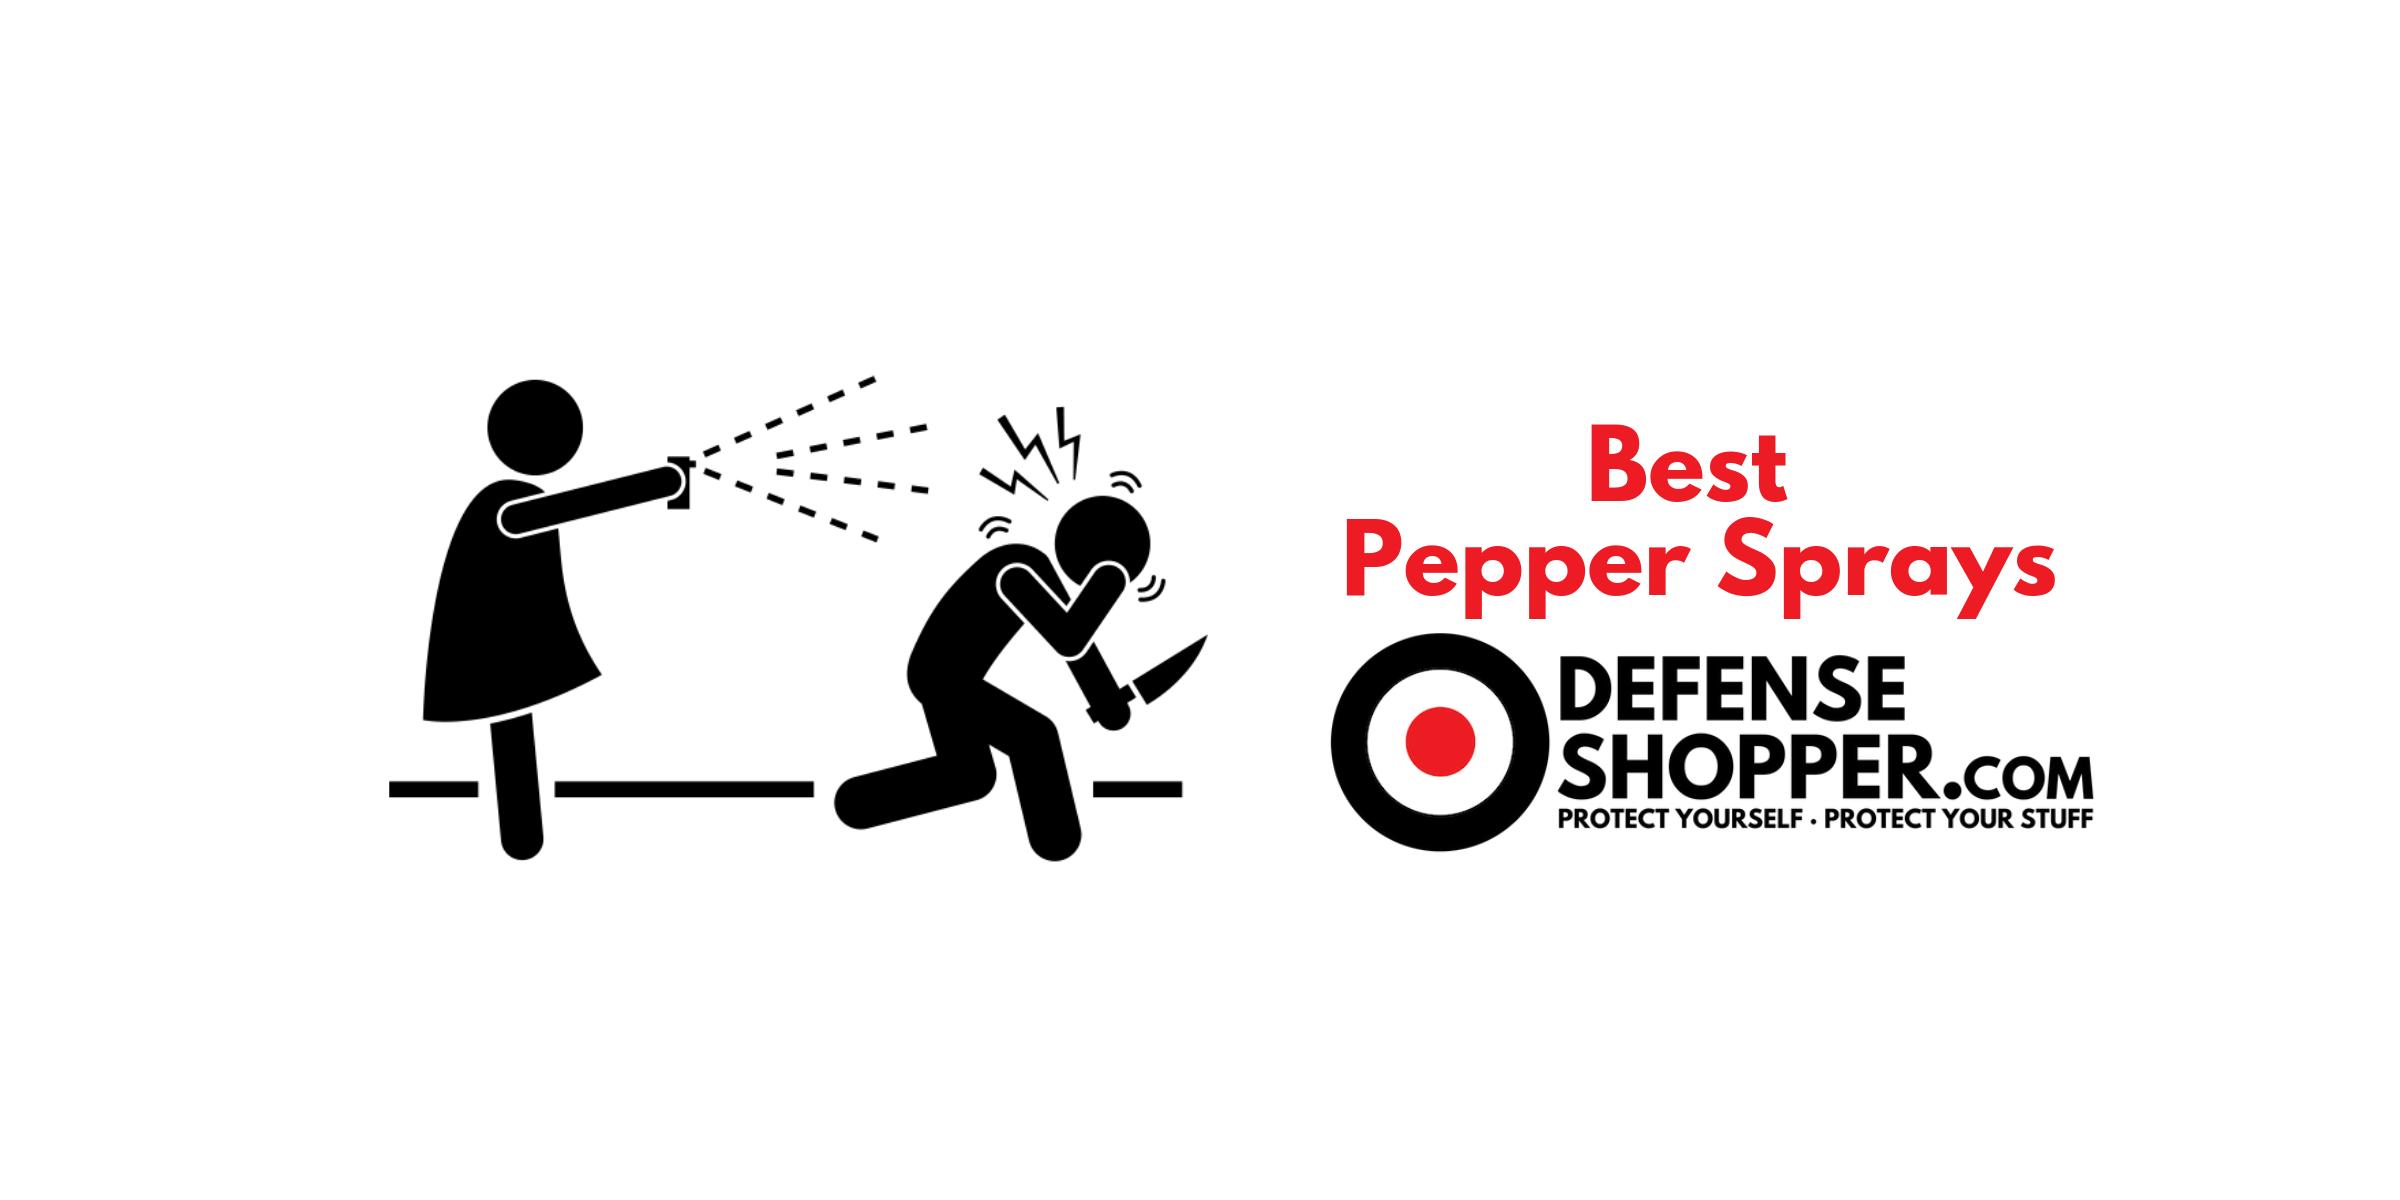 Best Pepper Spray for self defense